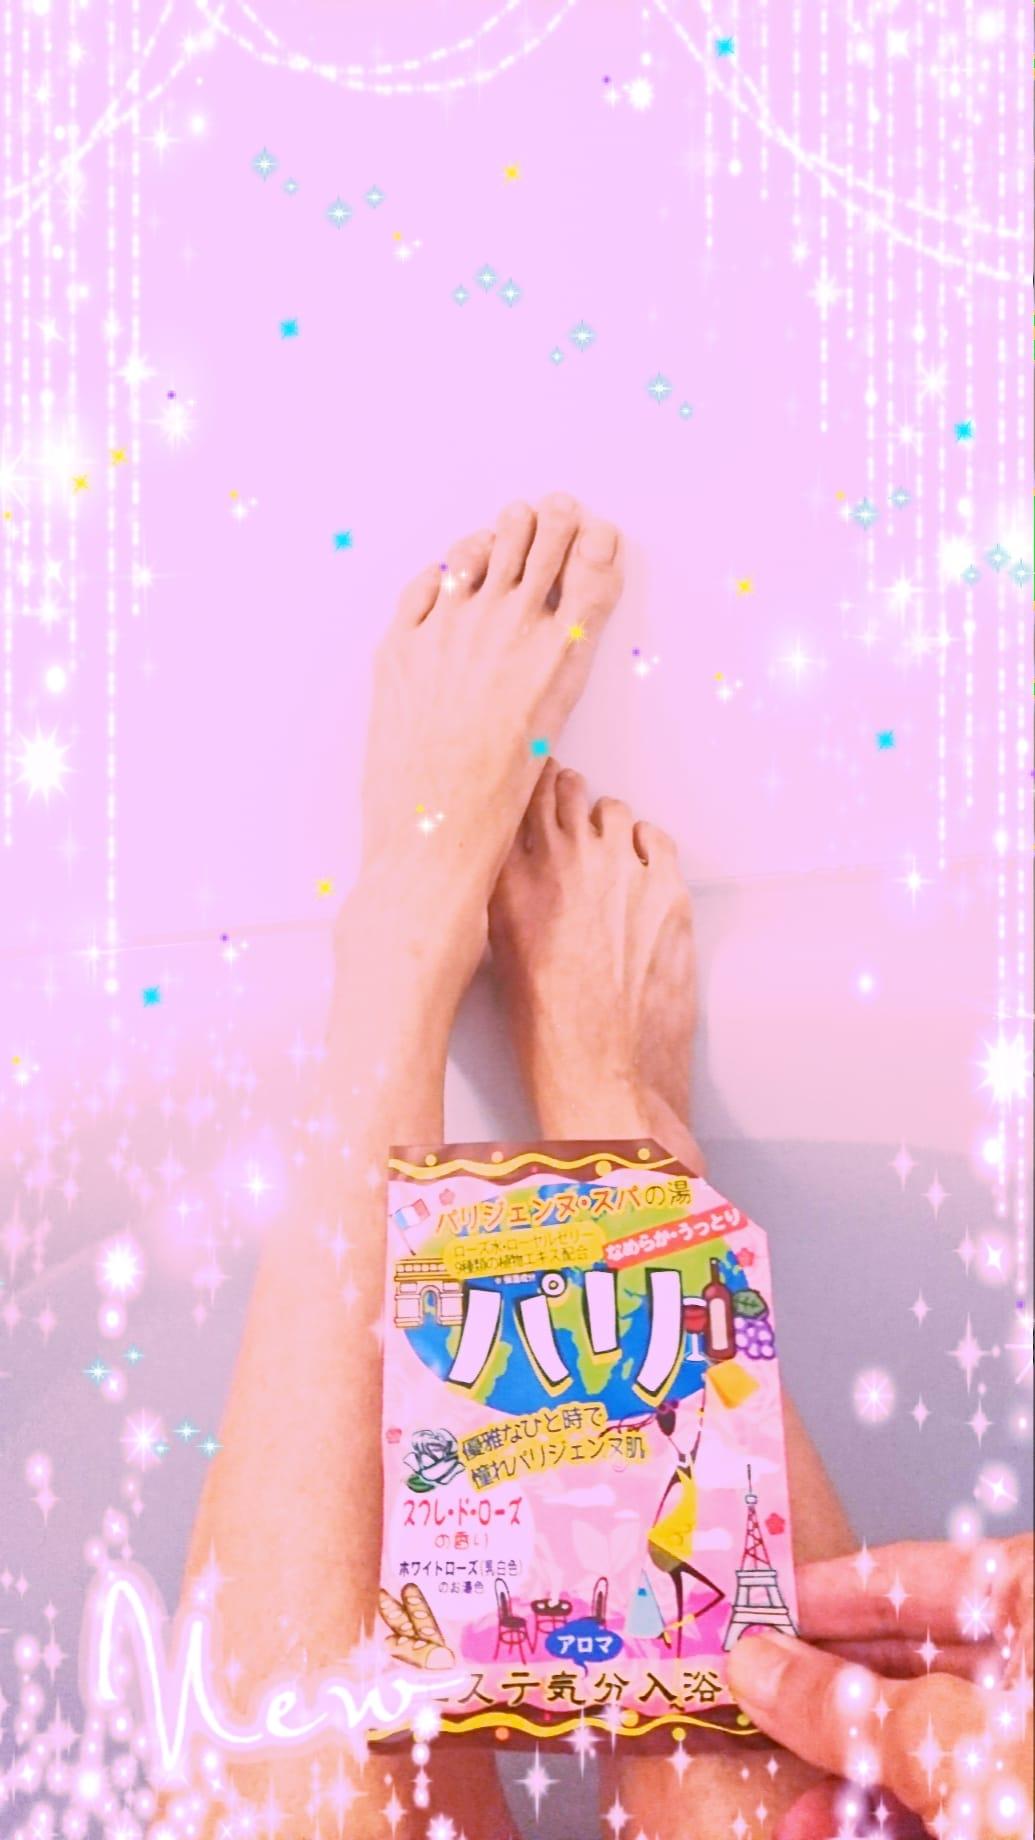 「レイ☆」10/19(木) 13:27   レイの写メ・風俗動画